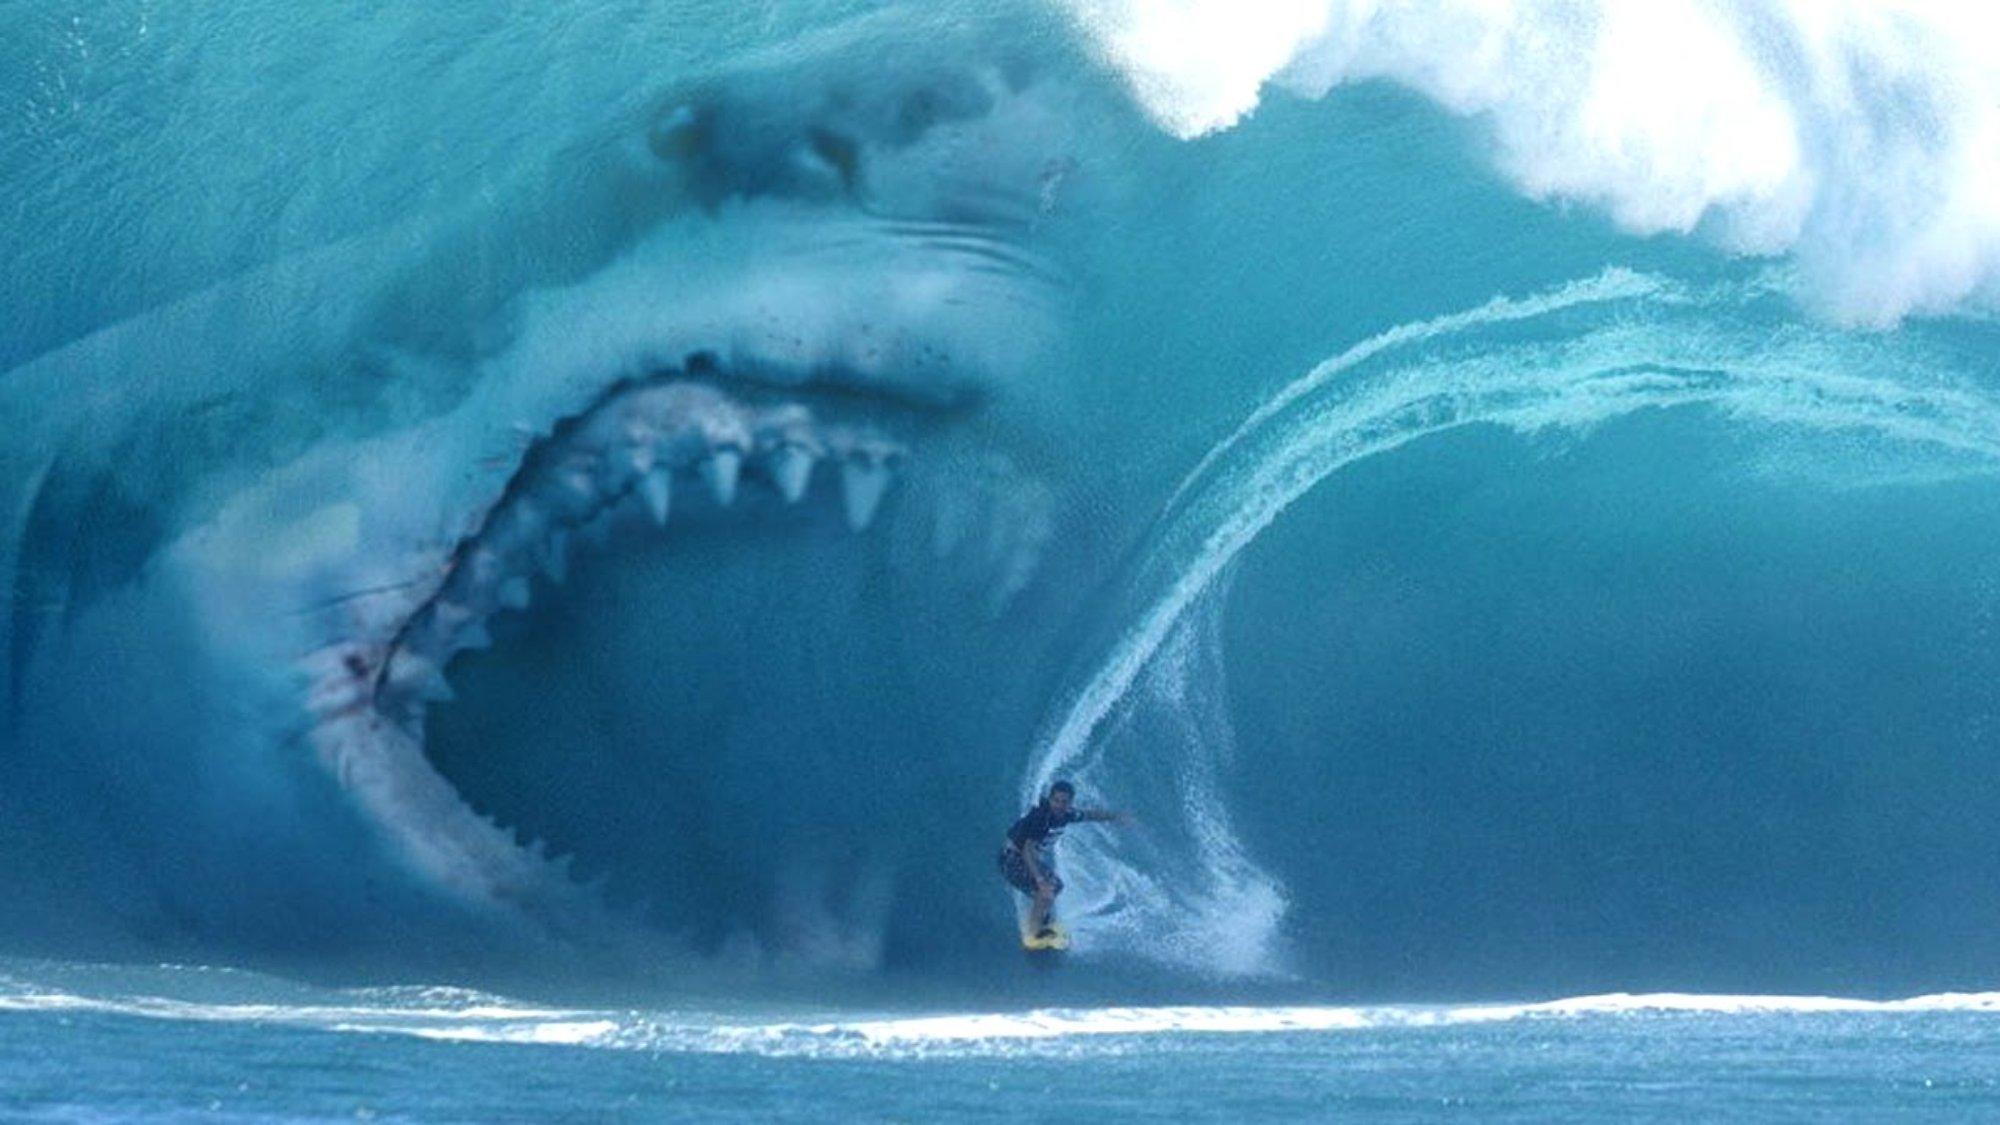 10 zadziwiających faktów o Megalodonie - największym drapieżniku na świecie